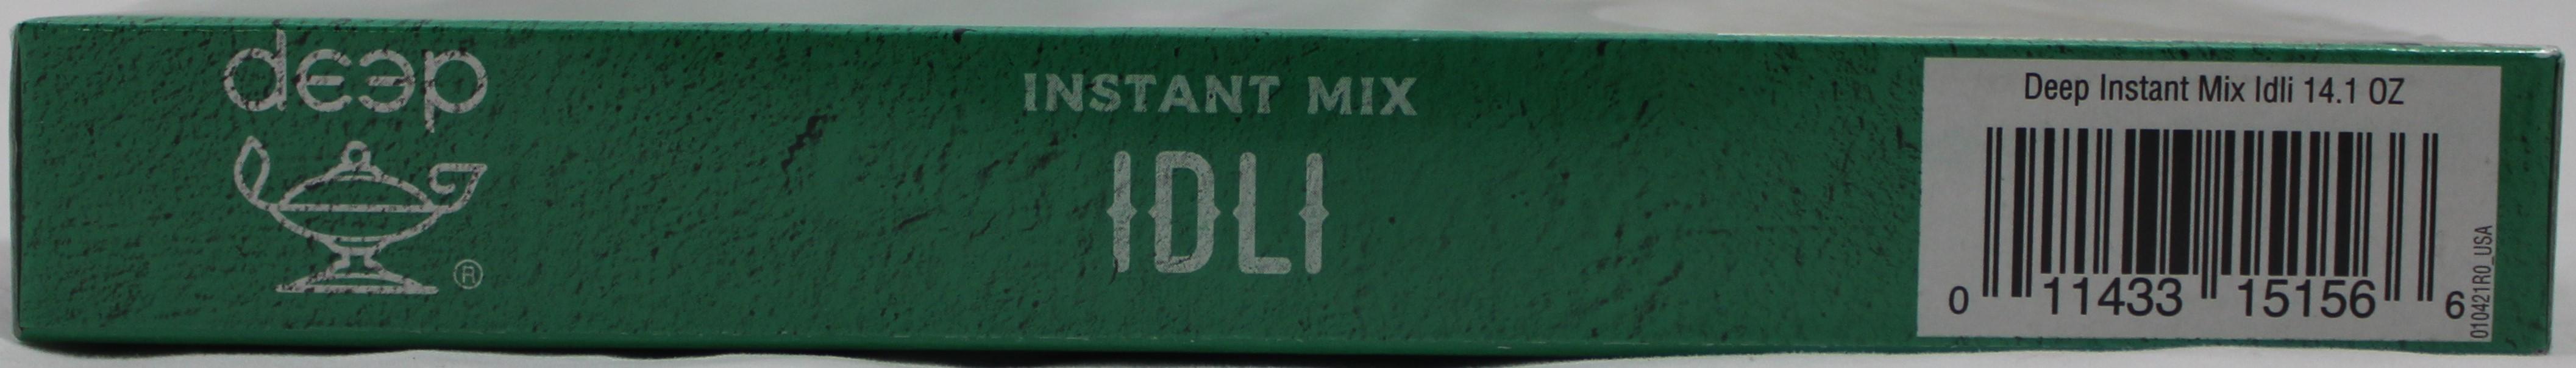 Idli Mix 14.1oz